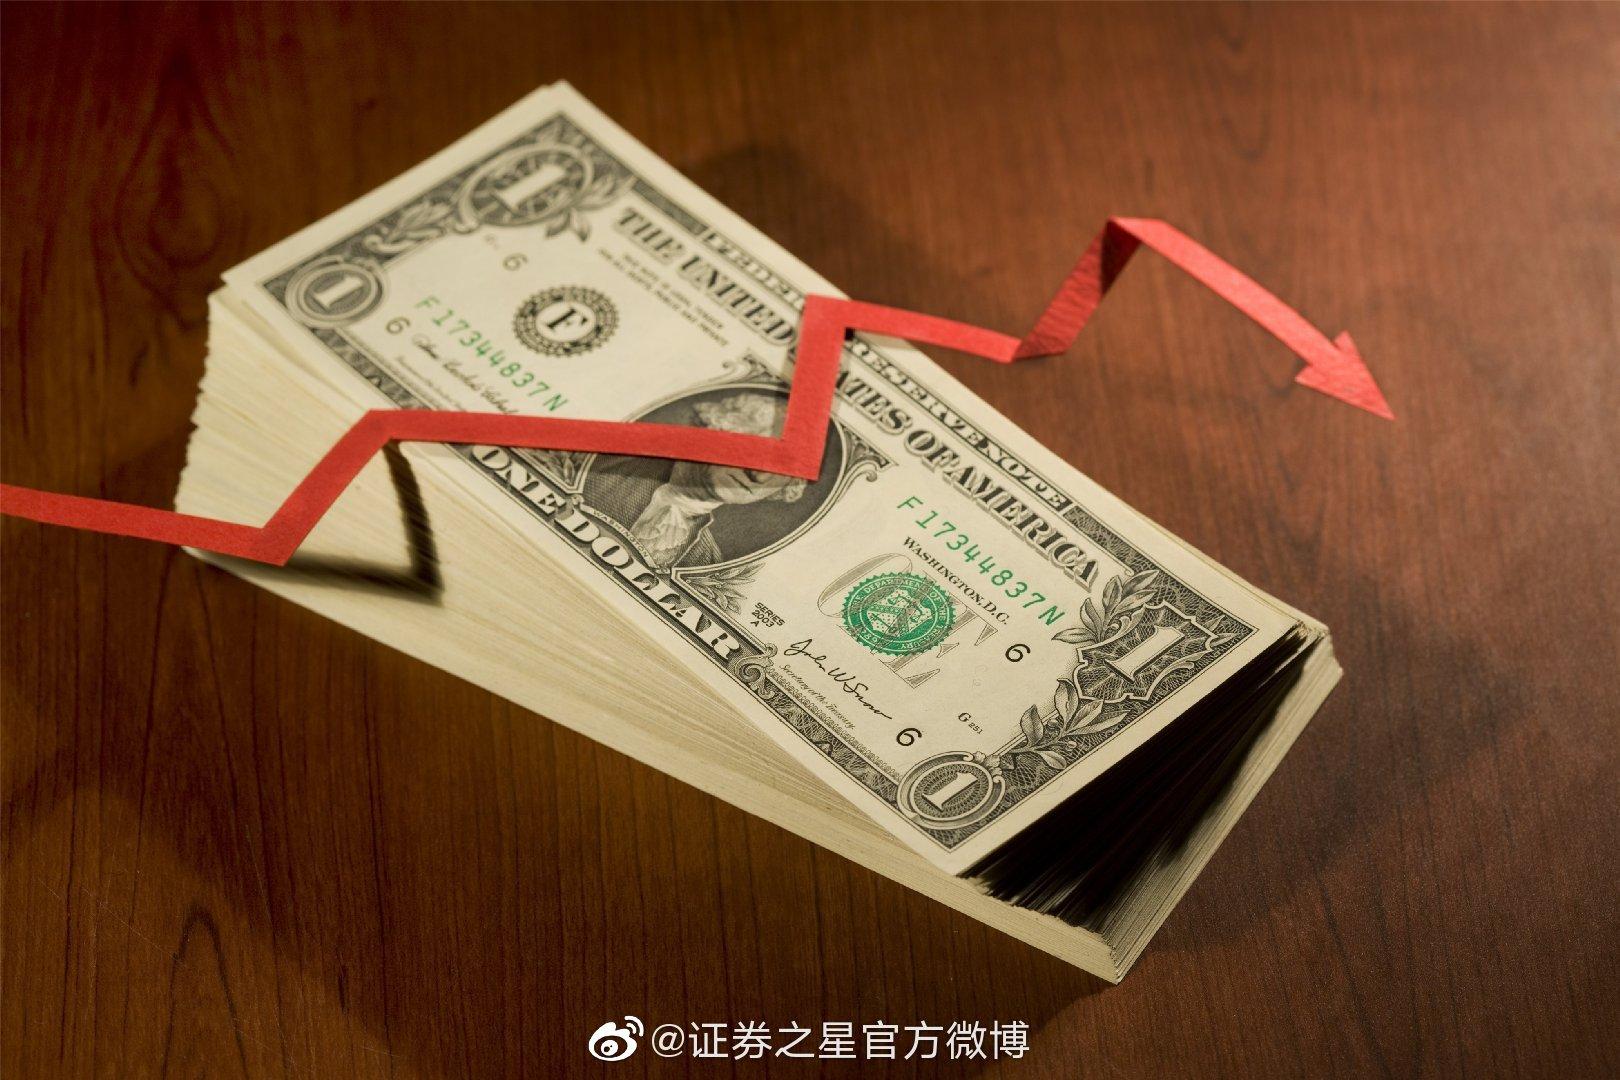 摩根士丹利:美国联邦公开市场委员会(FOMC)近期的鸽派观点